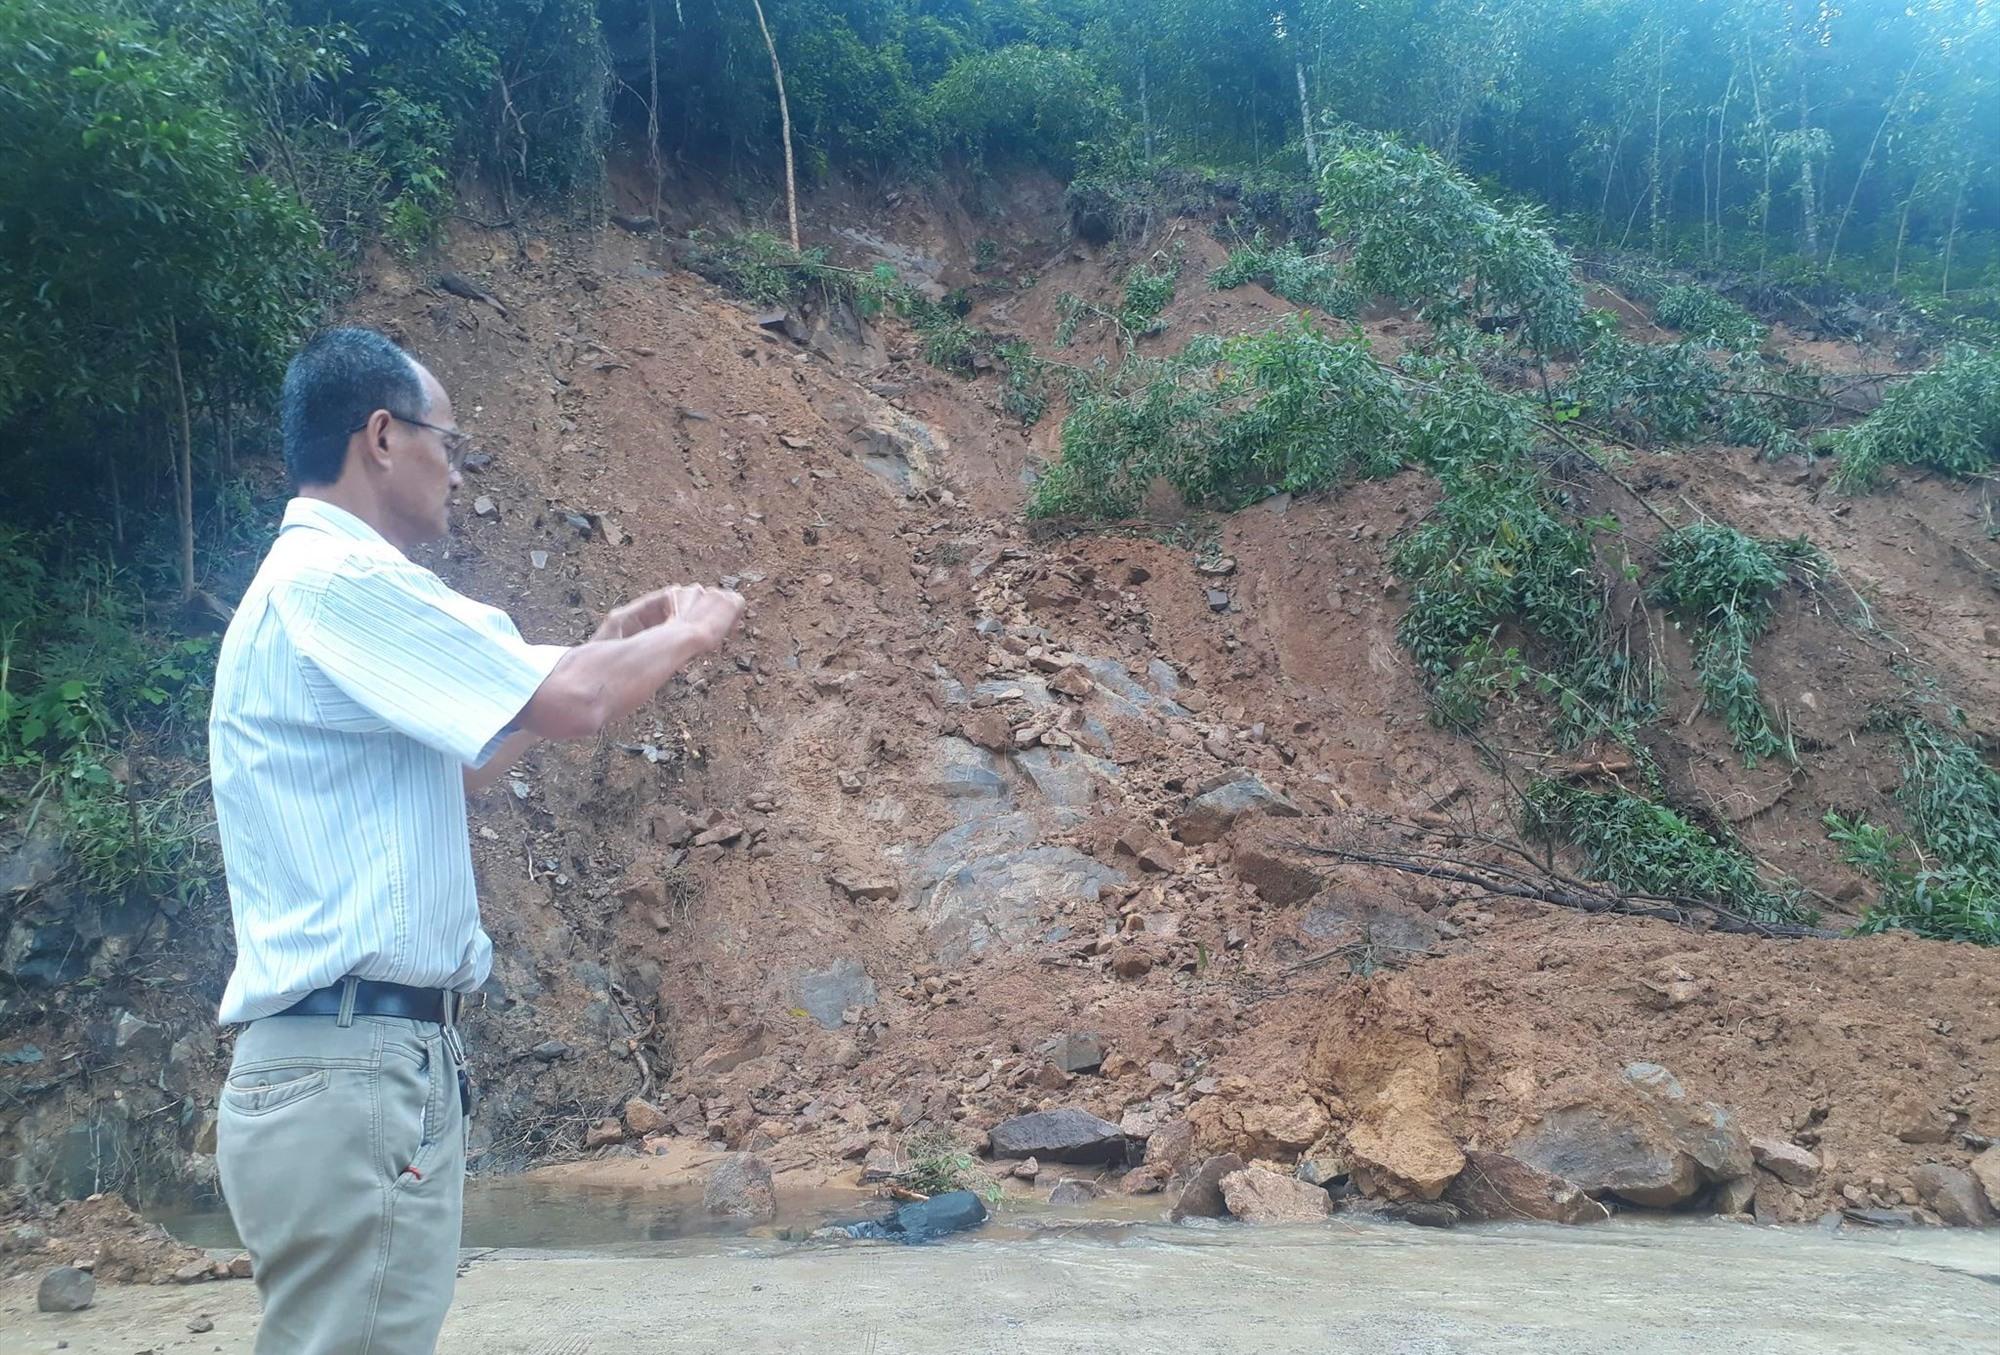 Đất đá trên đồi núi ở khu vực Đèo Le đang sạt lở và có nguy cơ đổ sập với khối lượng lớn. Ảnh: T.S